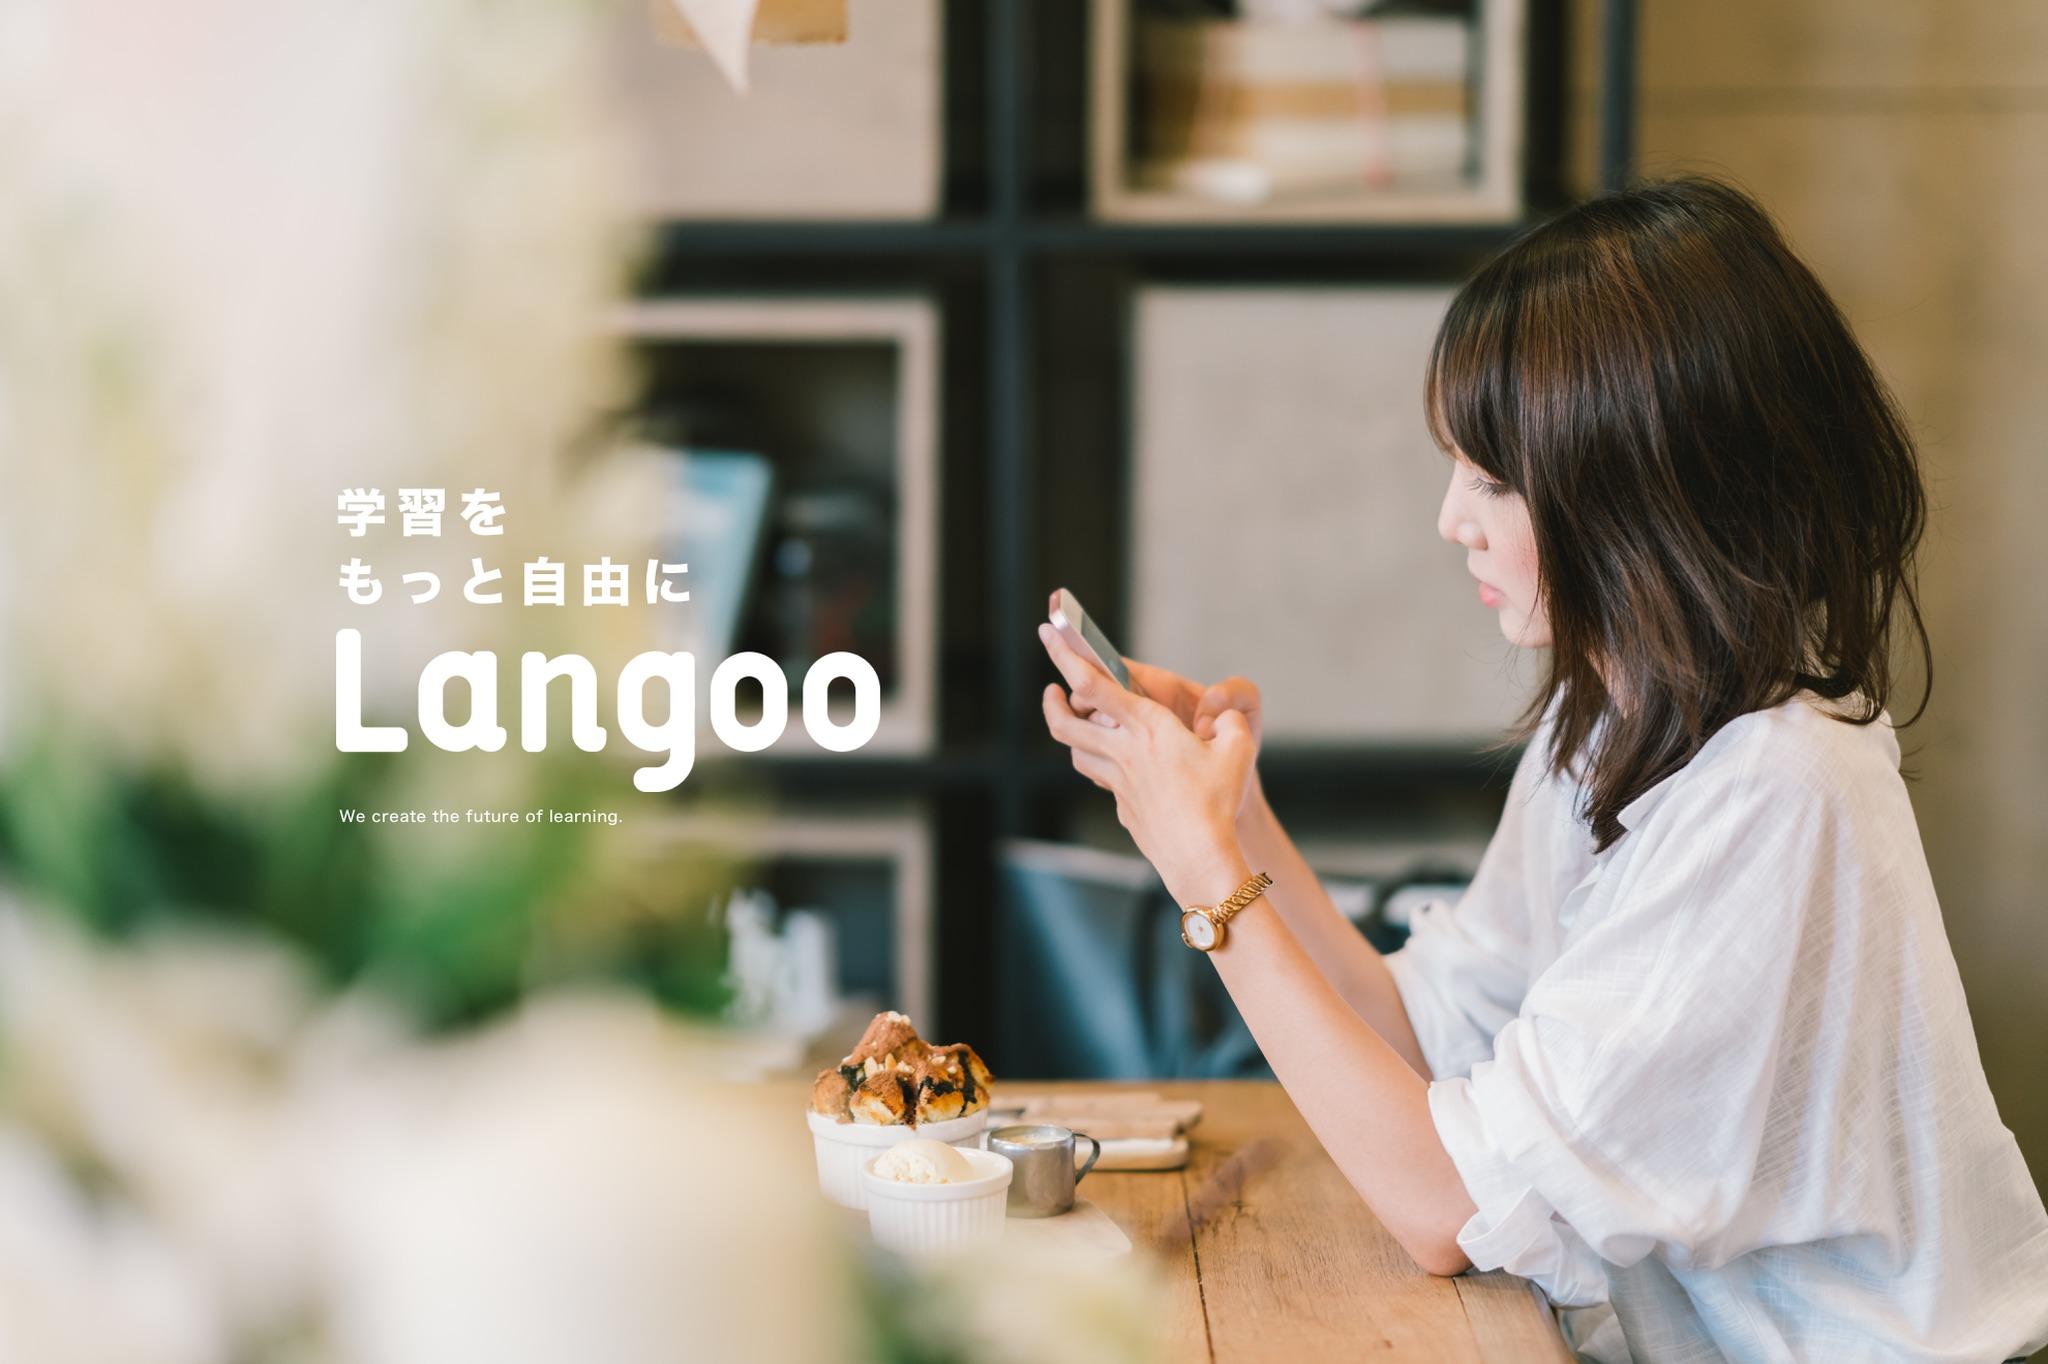 株式会社 Langoo